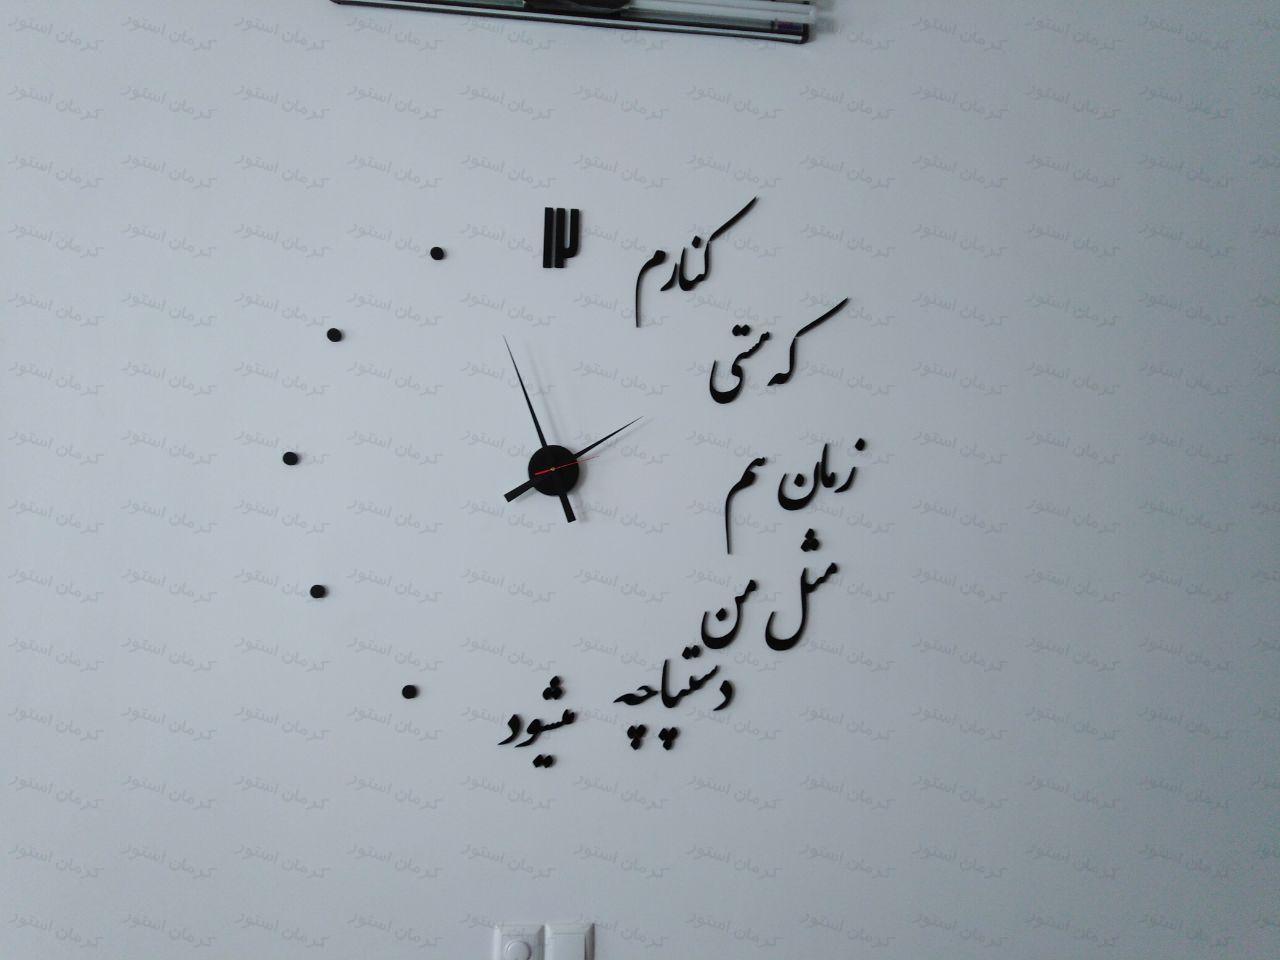 نمونه نصب شده ساعت دیواری طرح هستی